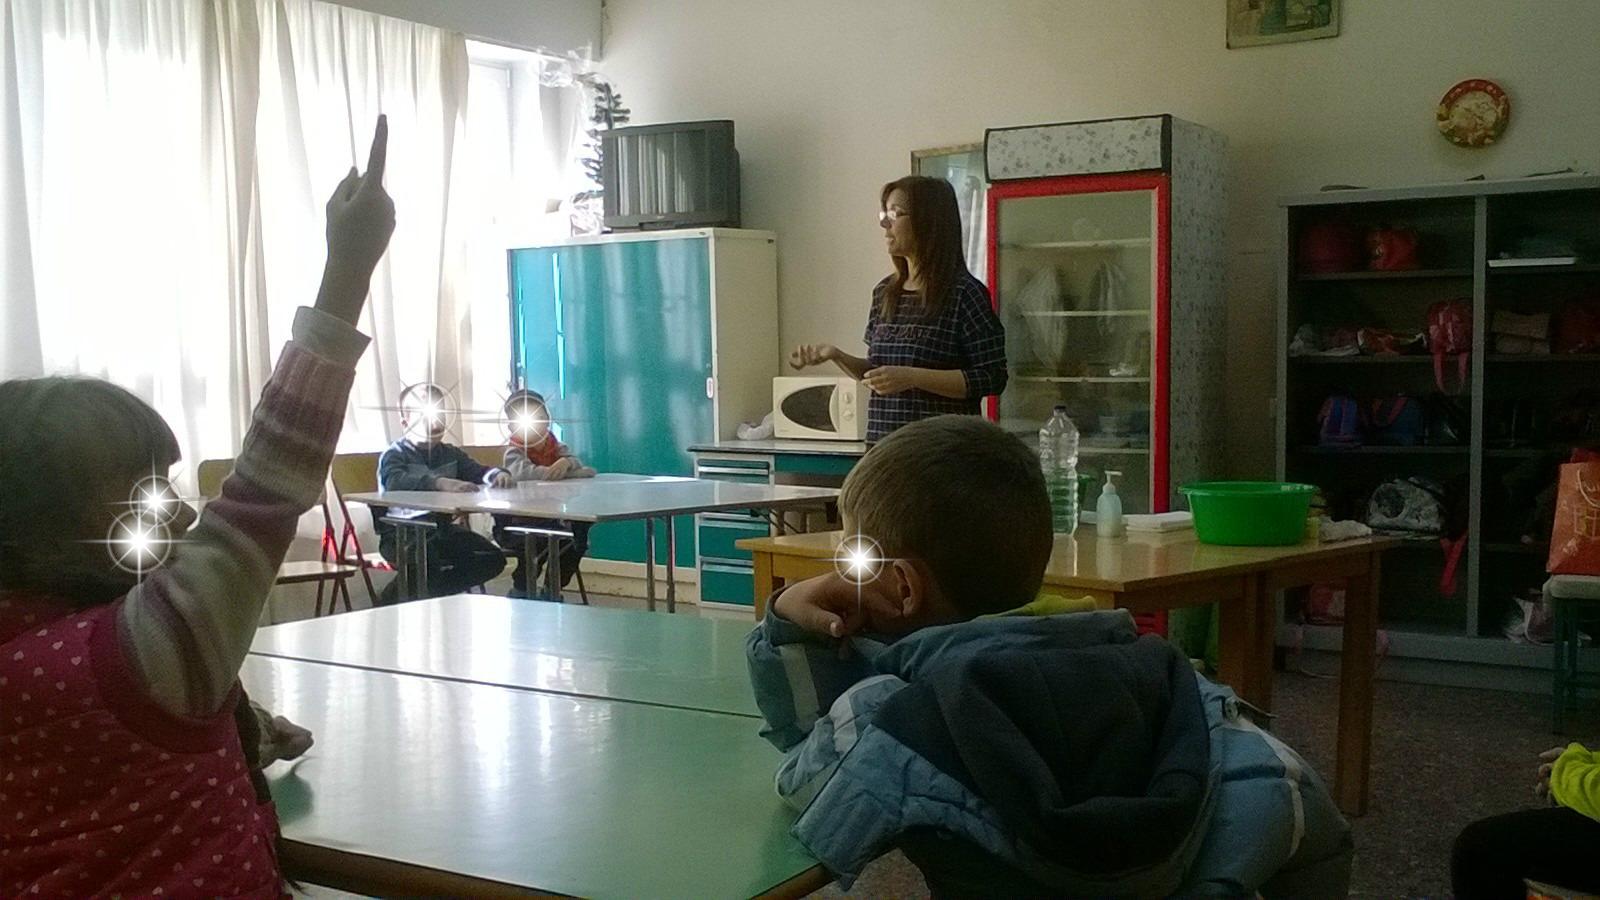 Προγράμματα Αγωγής Υγείας σε σχολεία Α/θμιας Εκπαίδευσης